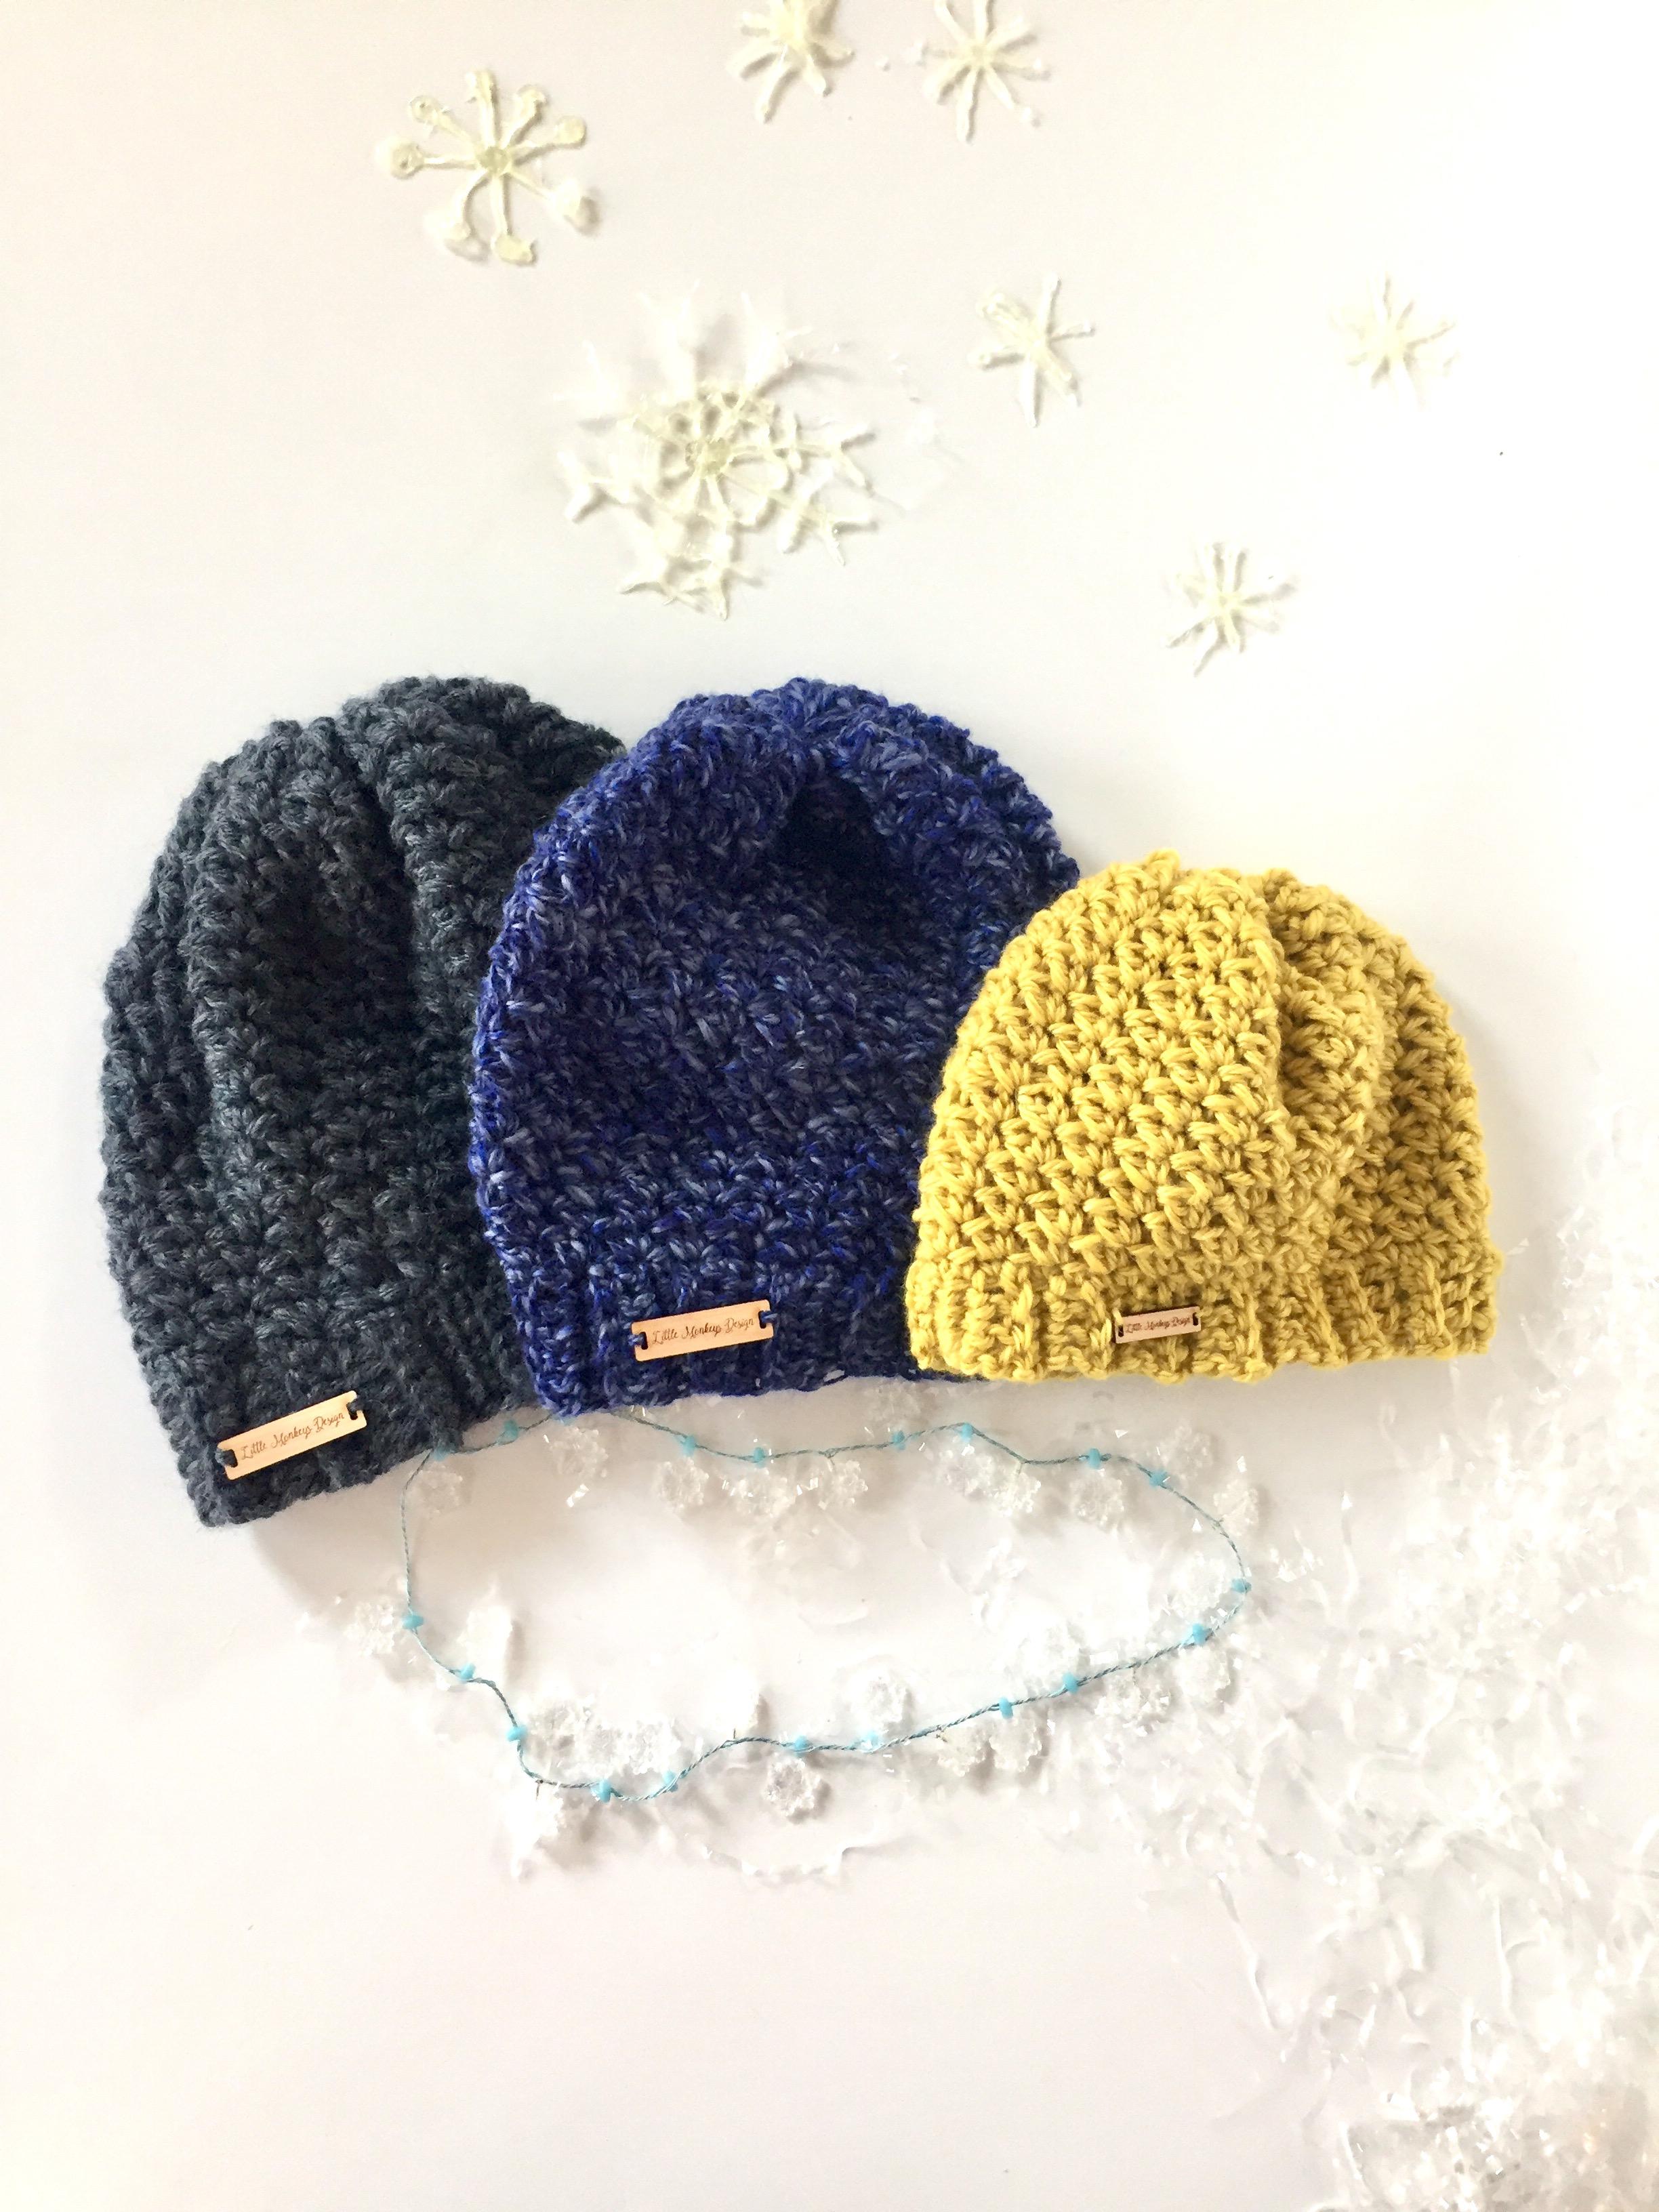 Let It Snow Chunky Winter Hat By Little Monkeys Designs